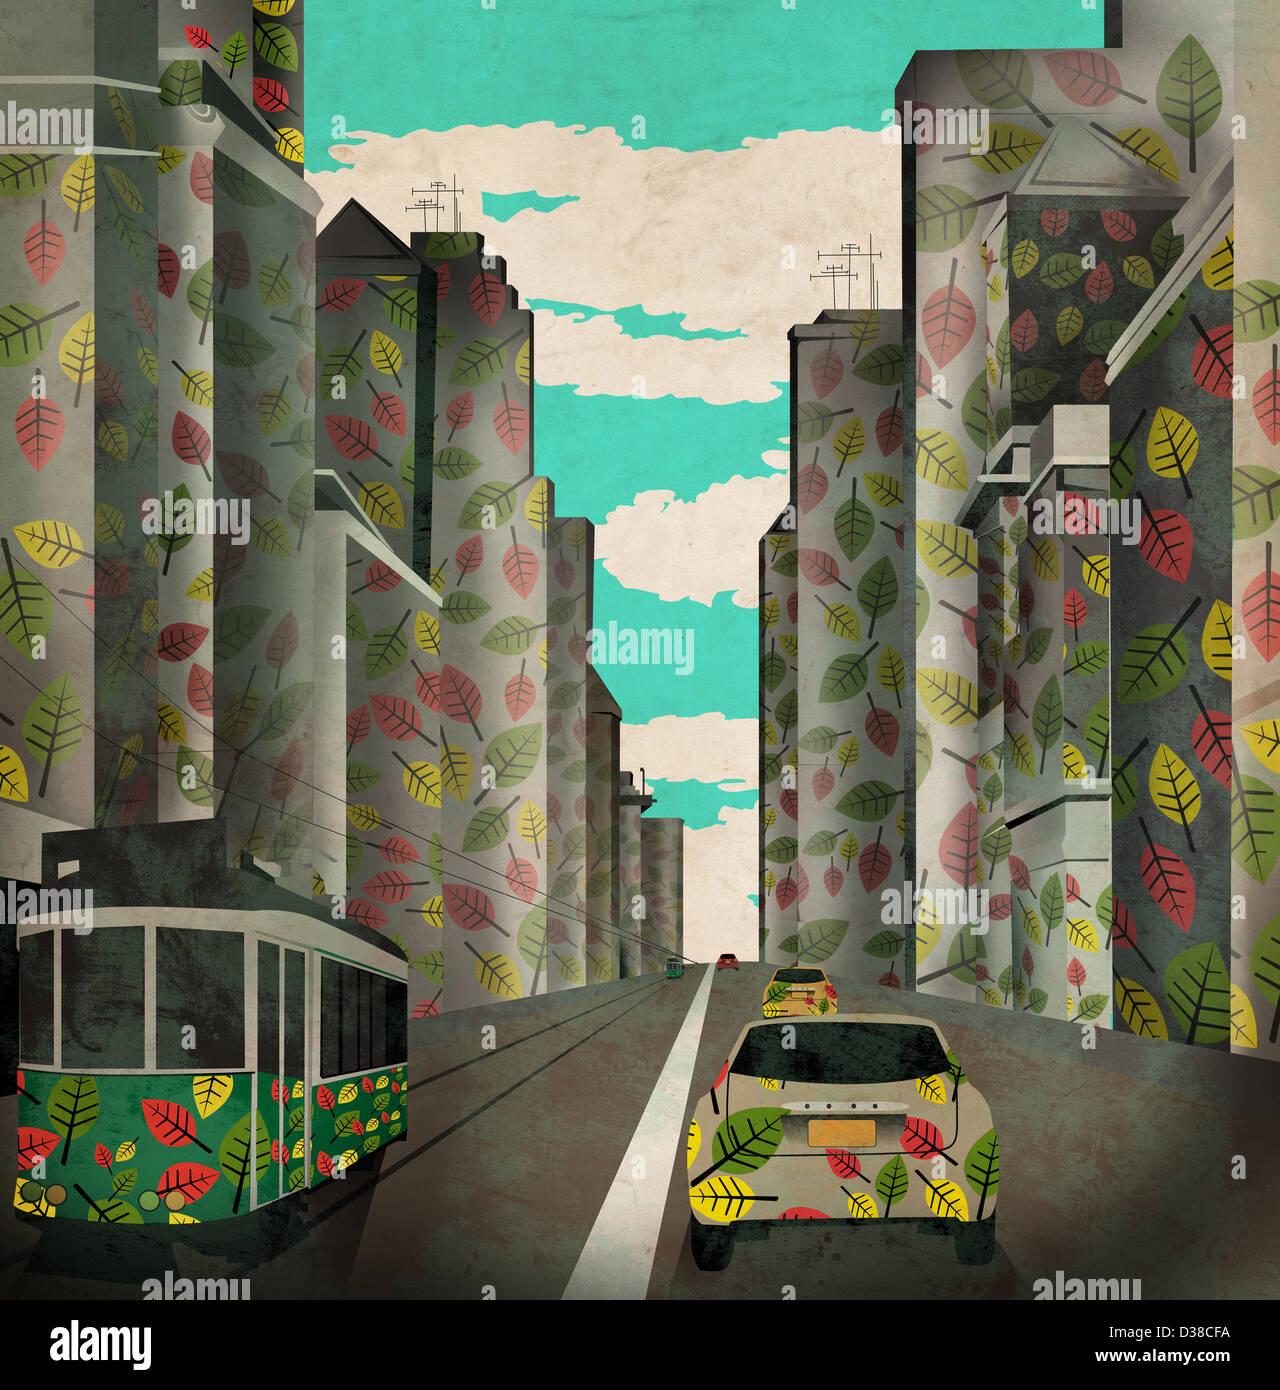 Image d'illustration des véhicules et des bâtiments avec des feuilles représentant la ville eco Photo Stock